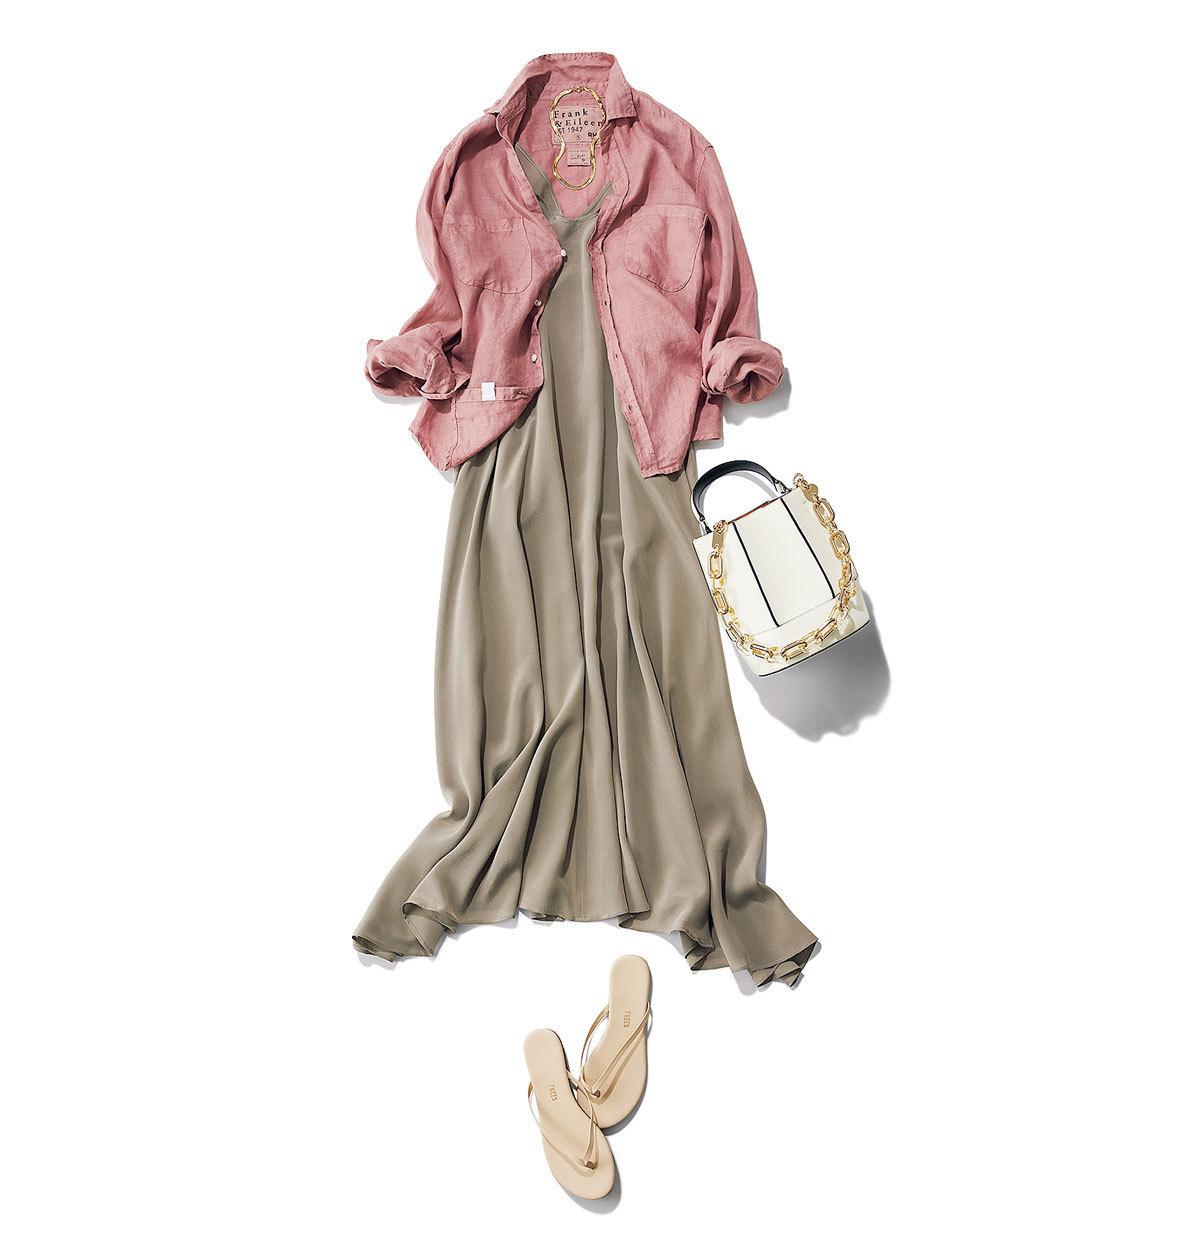 【大人のためのビーサン】アラフォーのカジュアルコーデに似合うビーサンのあわせ方&選び方|40代ファッション_1_3